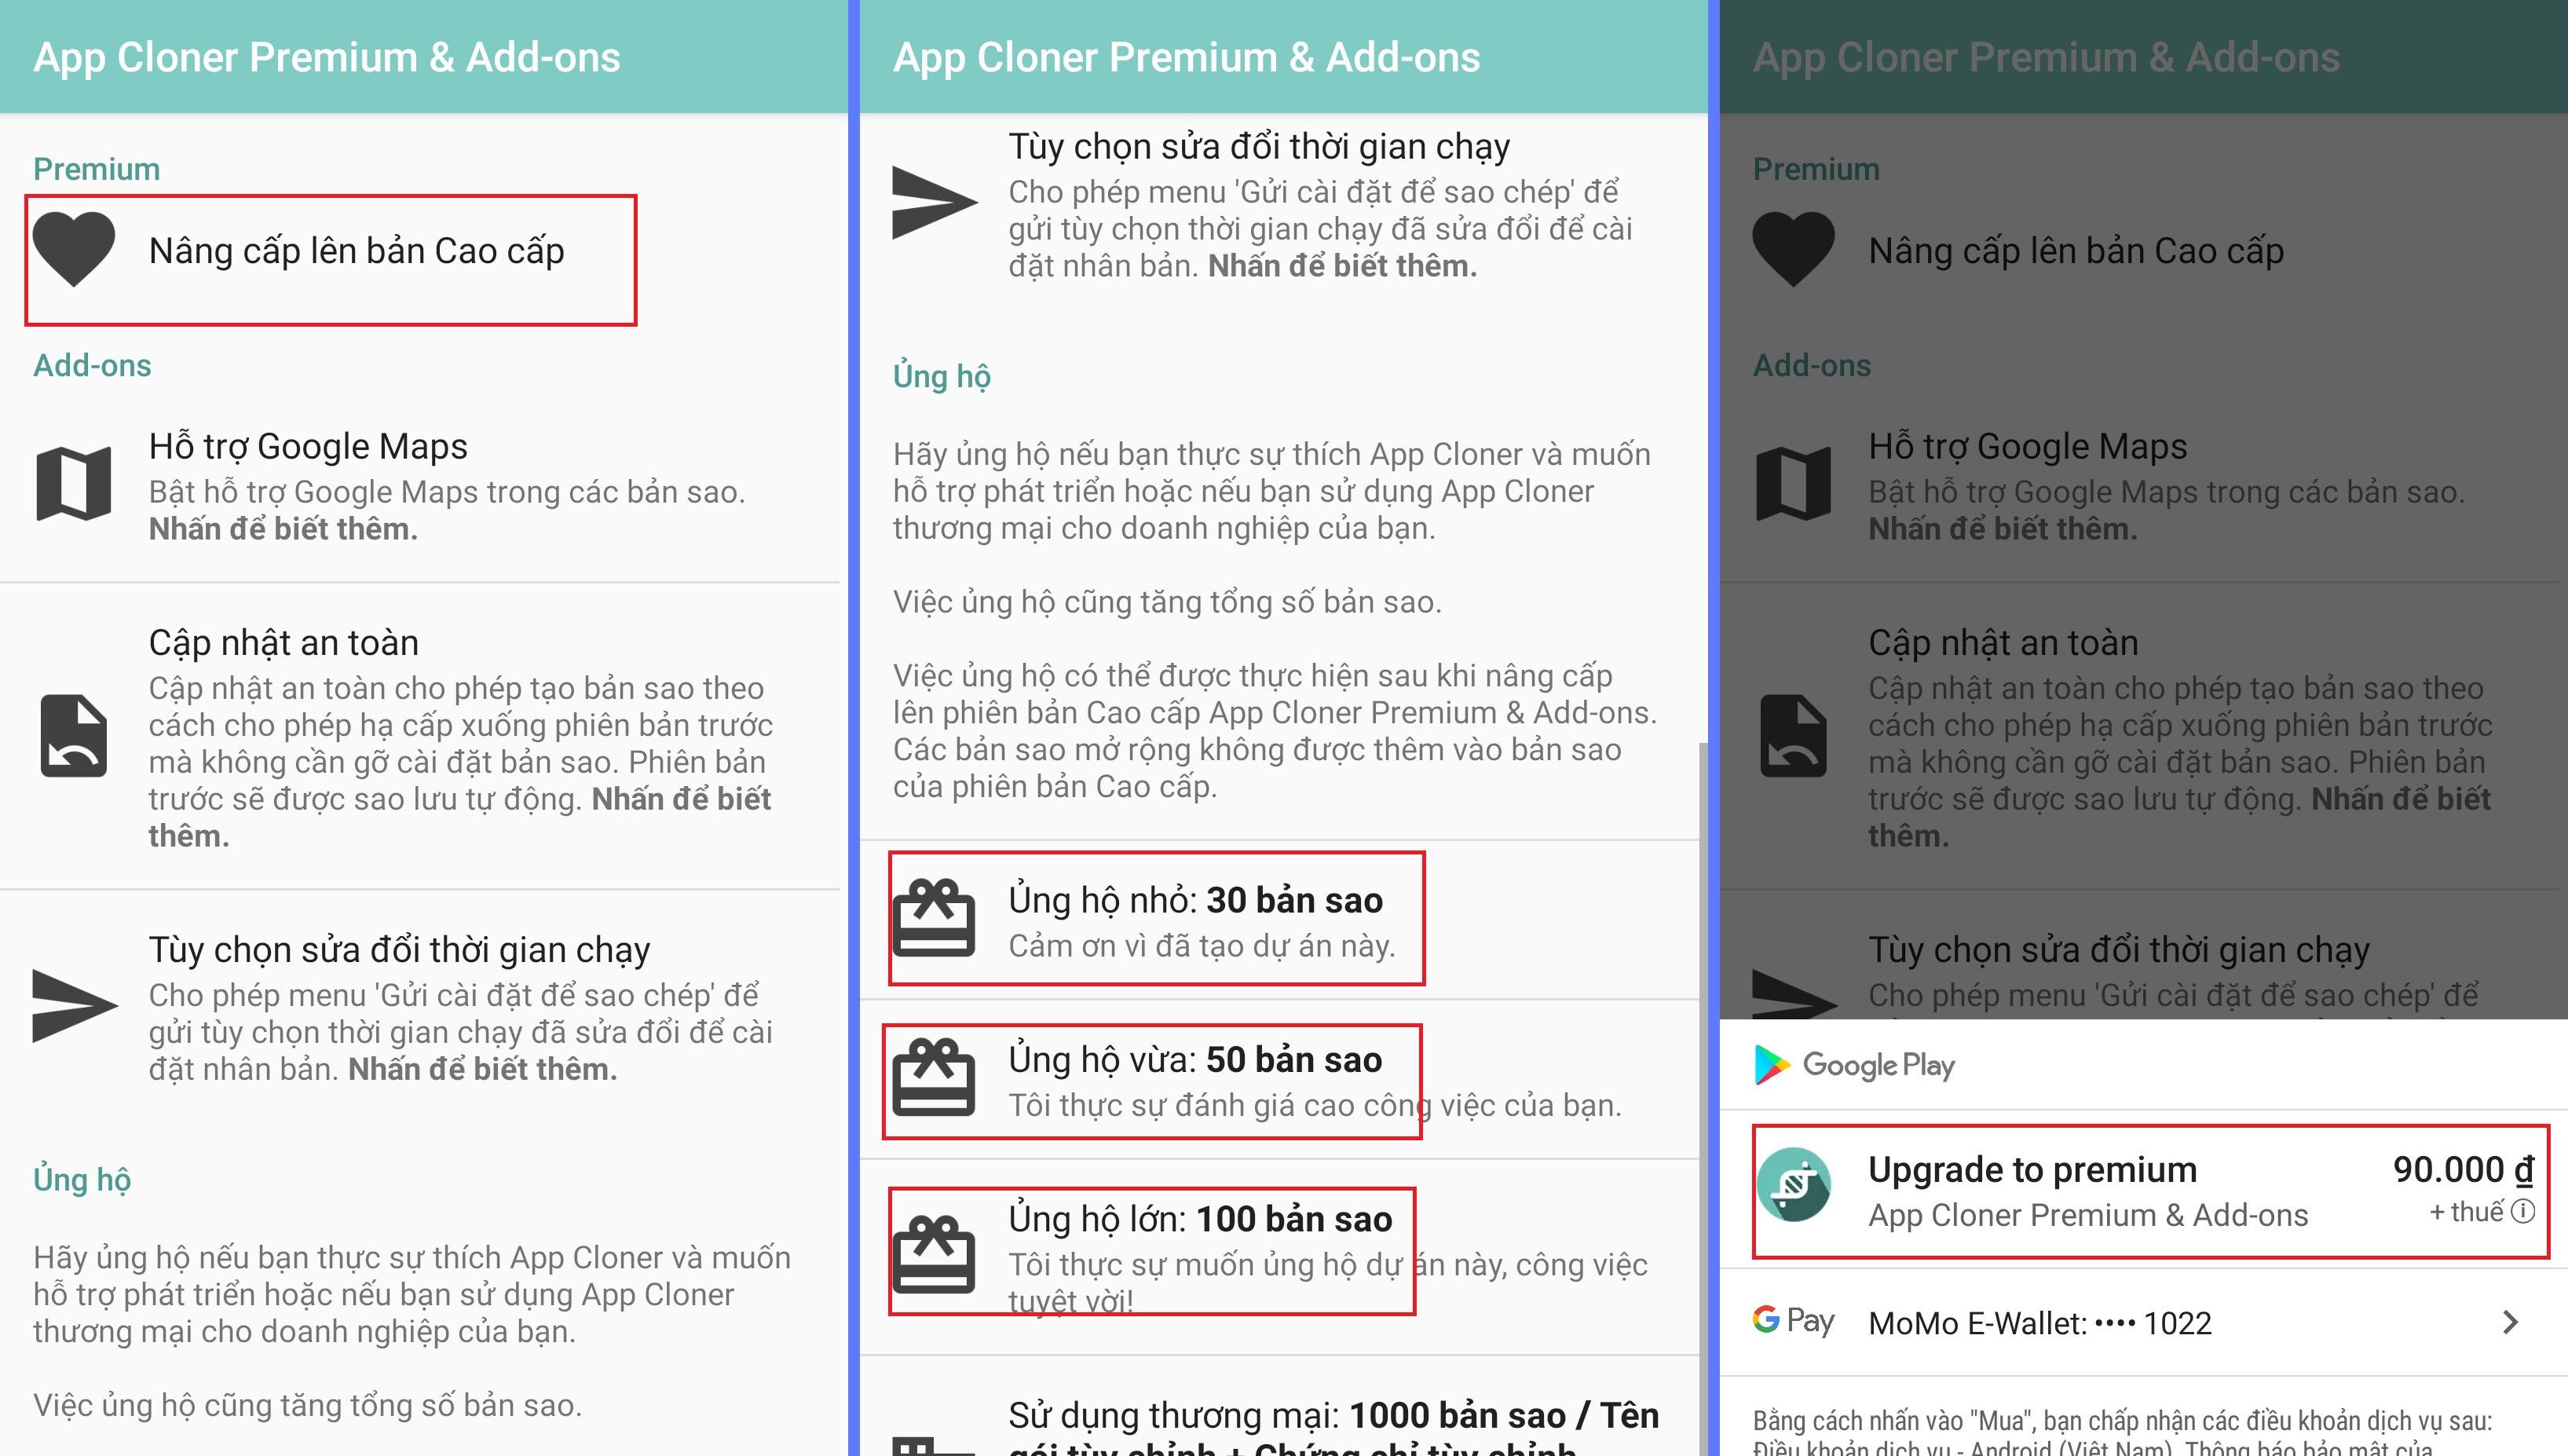 nuoi nick dien thoai ninja system3 Cách nhân bản app cloner Facebook để nuôi nick điện thoại bằng Ninja System